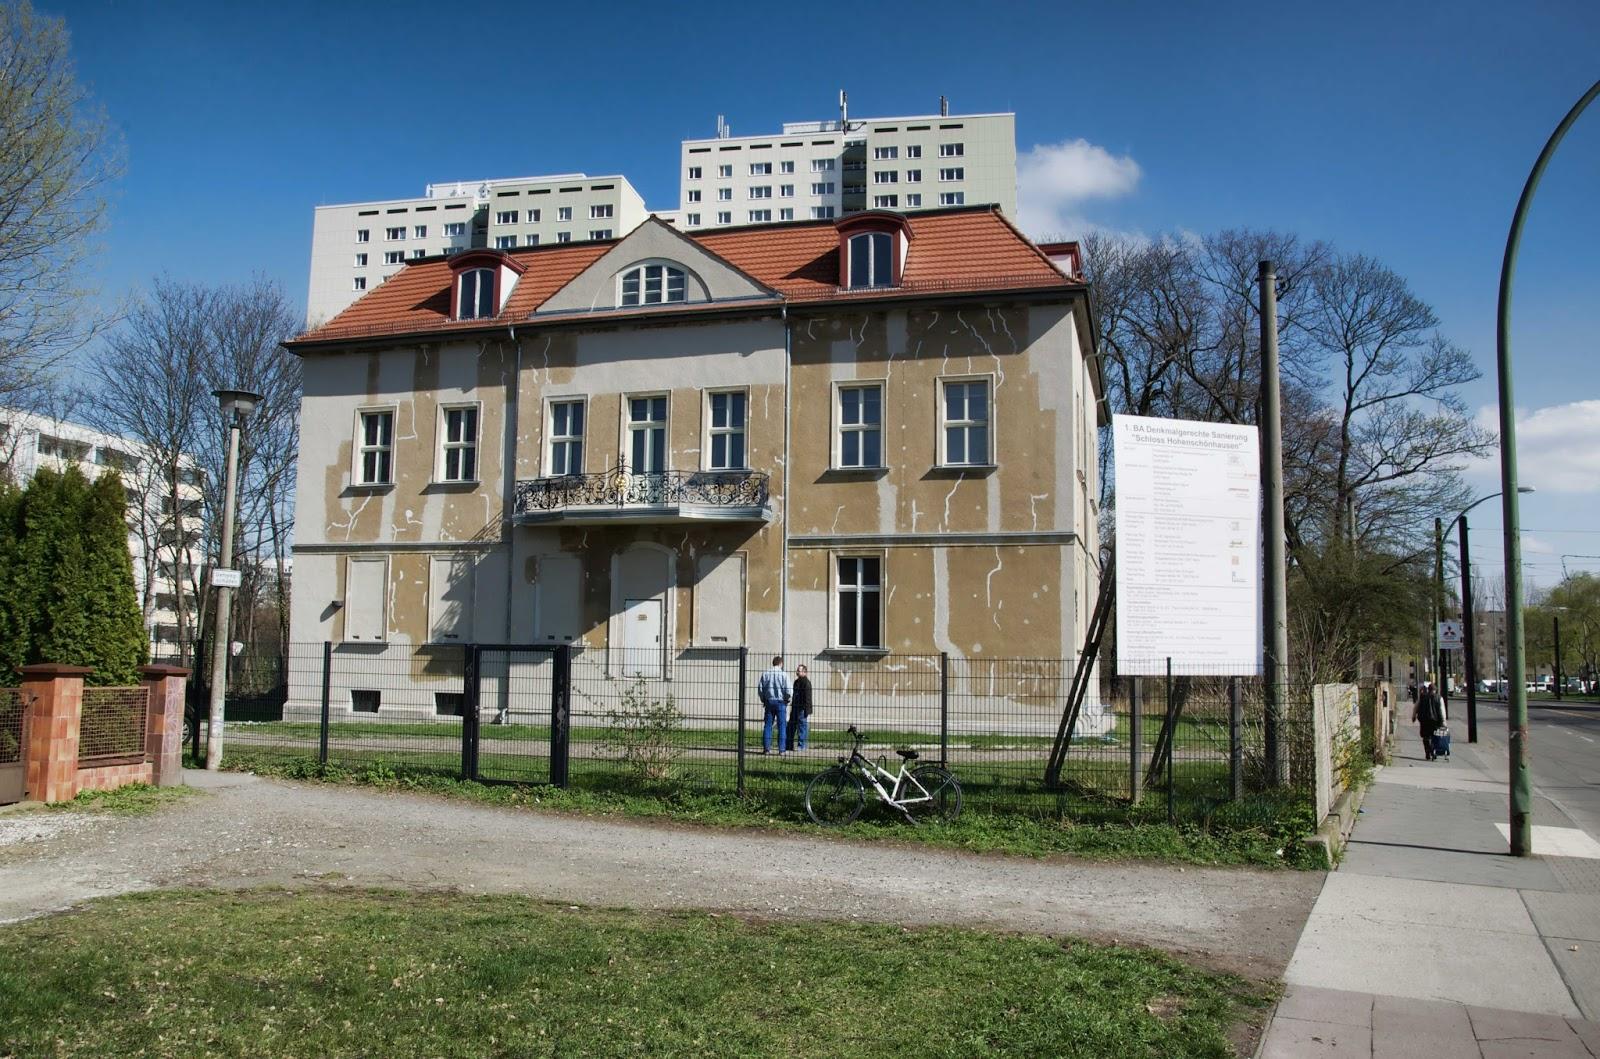 berliner baustellen 0301 baustelle 1 bauabschnitt denkmalgerechte sanierung schloss. Black Bedroom Furniture Sets. Home Design Ideas